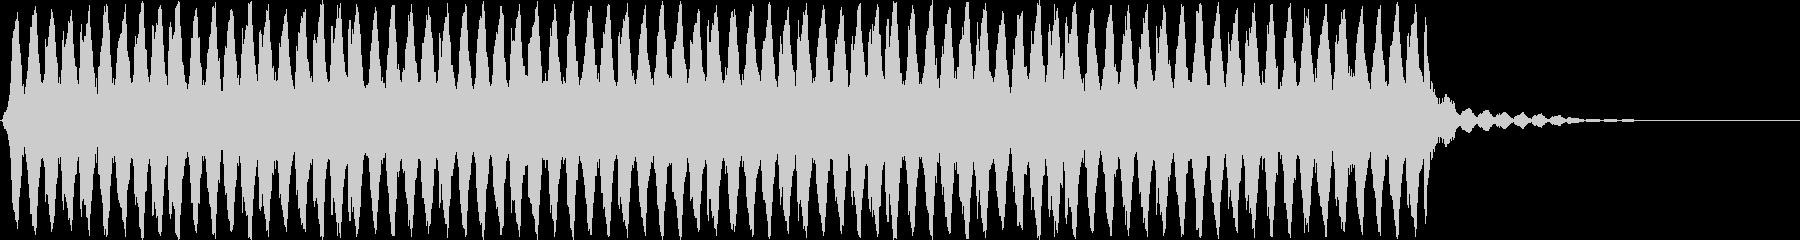 ホラー・サスペンス向けの不気味な効果音の未再生の波形